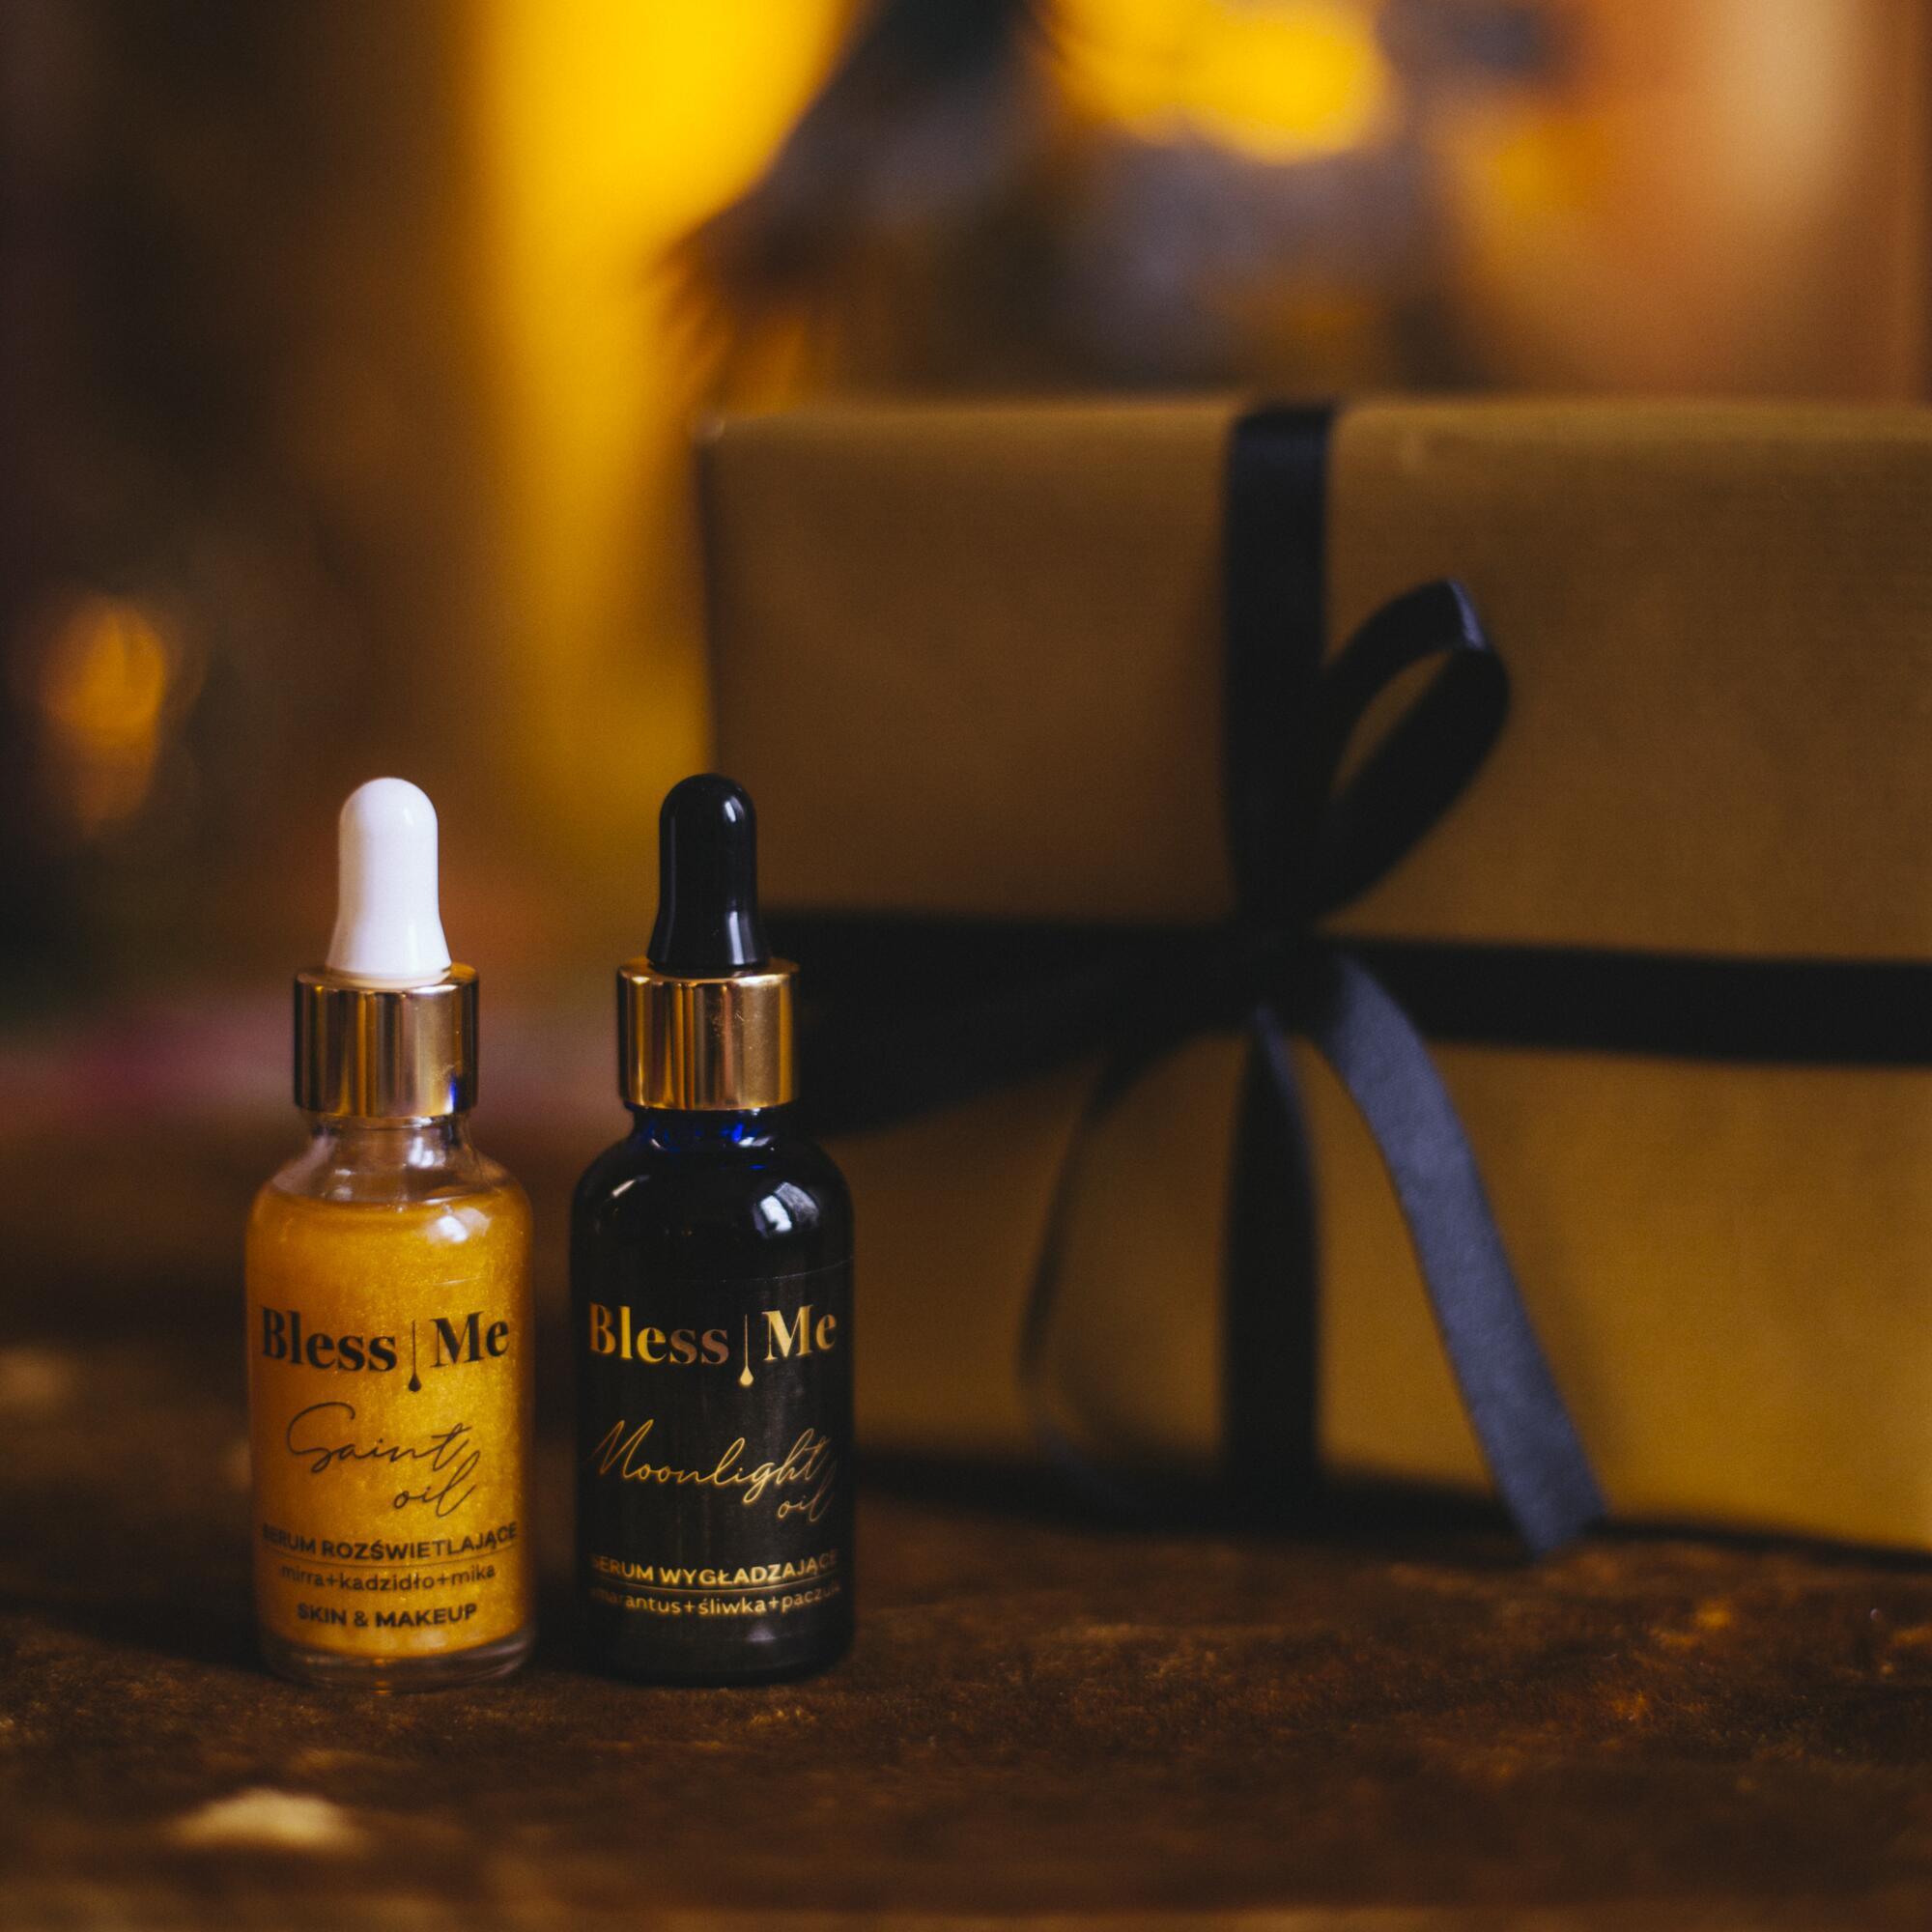 Zestaw: Serum Rozświetlające Saint Oil 30 ml i Serum Wygładzające Moonlight Oil 30 ml - Bless Me Cosmetics | JestemSlow.pl